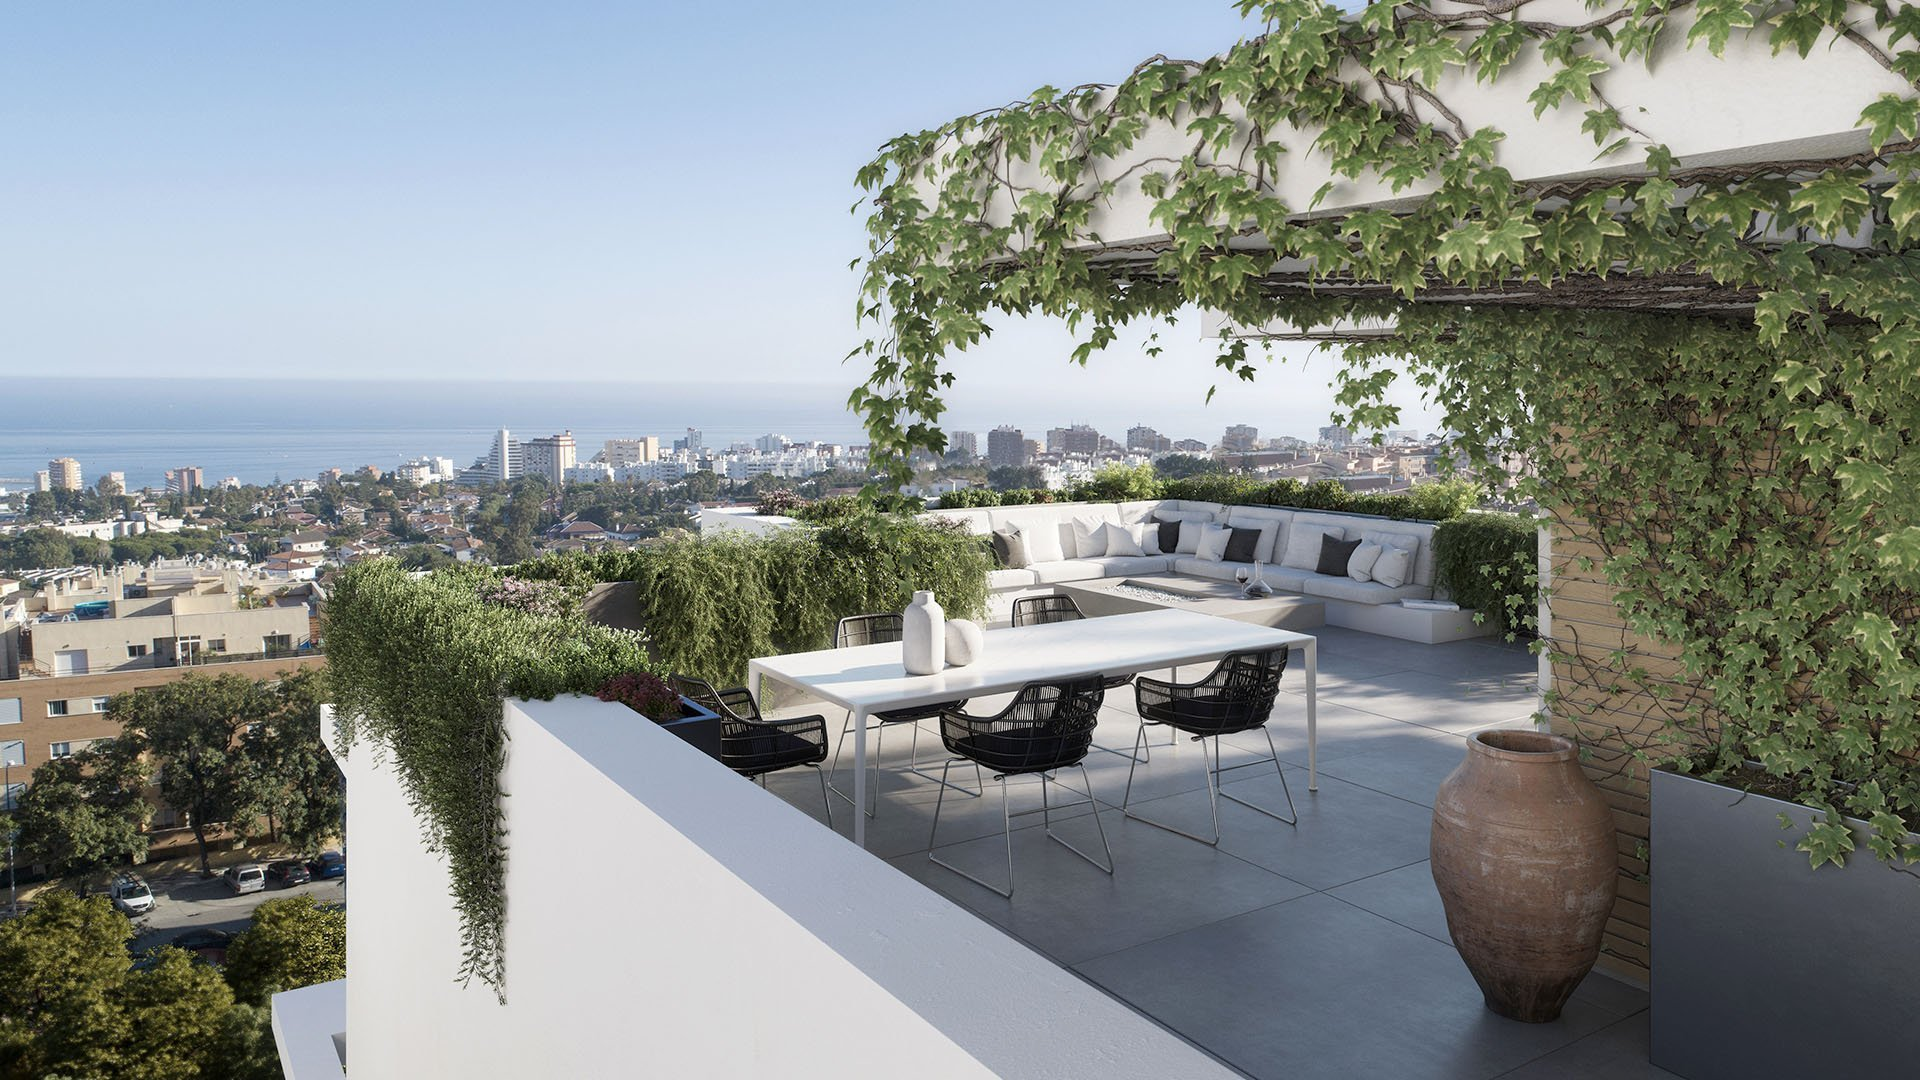 La Hacienda de Leala: Appartementen met spectaculair uitzicht op zee